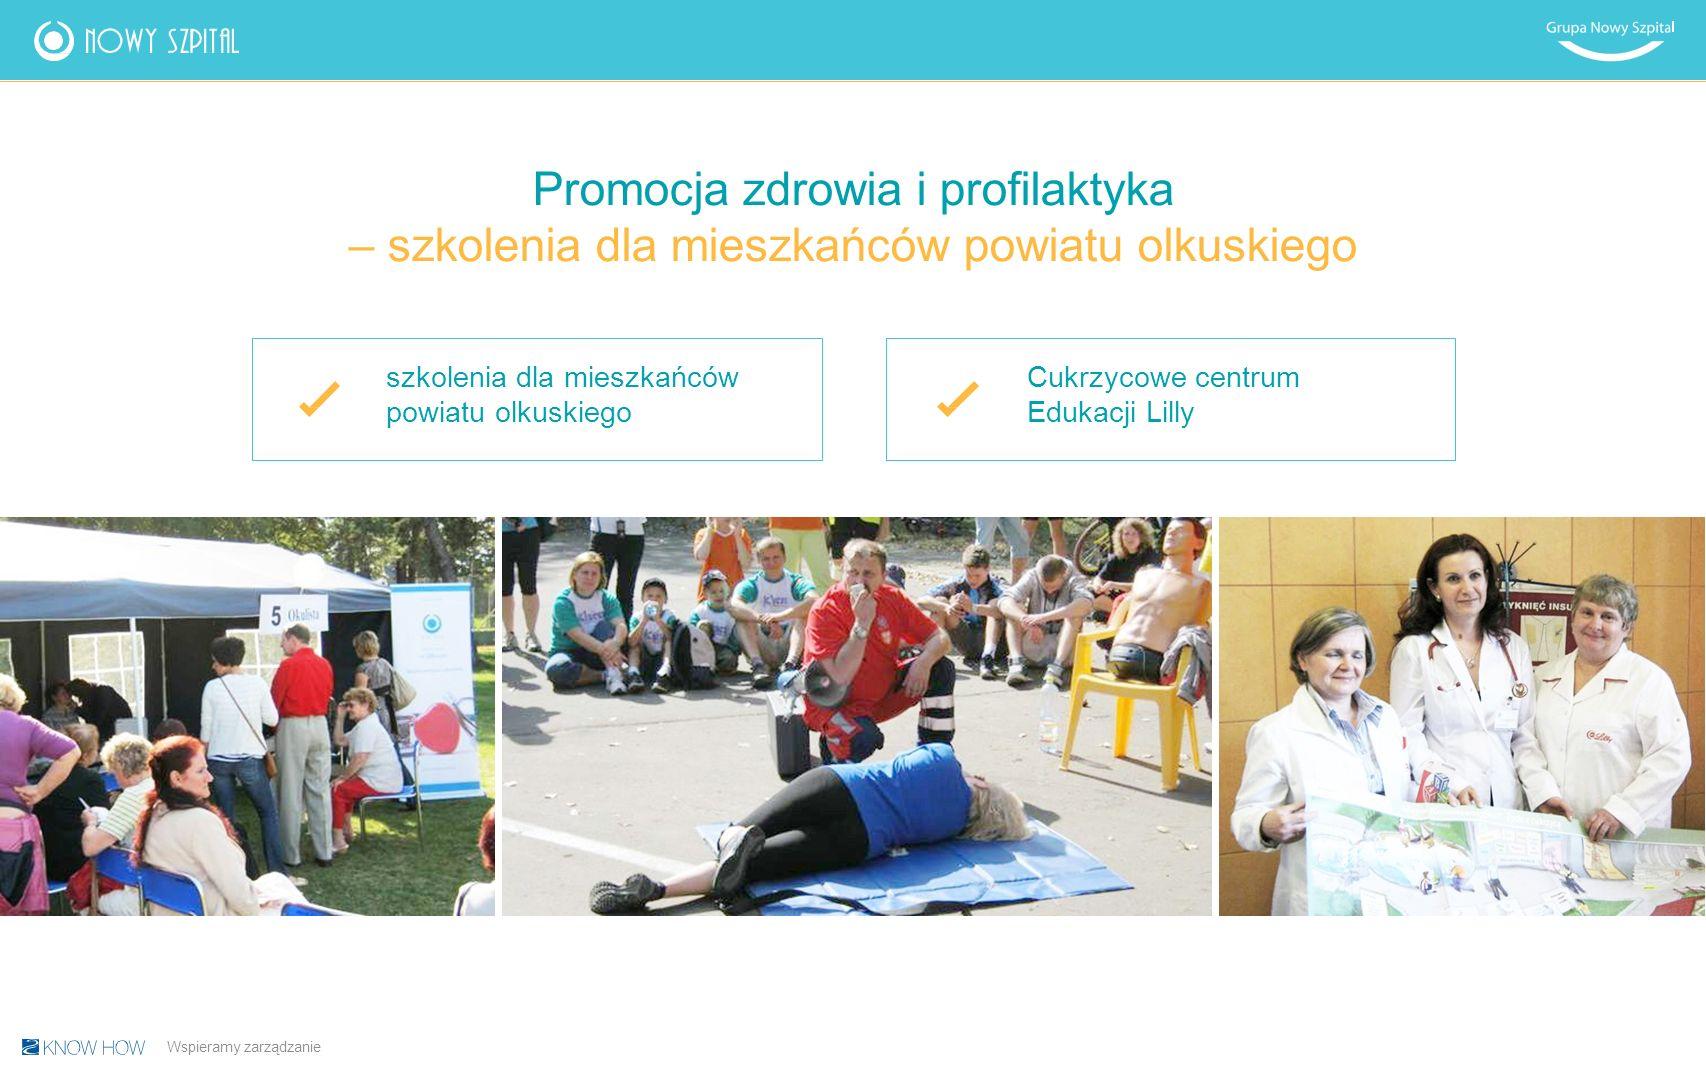 Promocja zdrowia i profilaktyka – szkolenia dla mieszkańców powiatu olkuskiego szkolenia dla mieszkańców powiatu olkuskiego Cukrzycowe centrum Edukacji Lilly Wspieramy zarządzanie